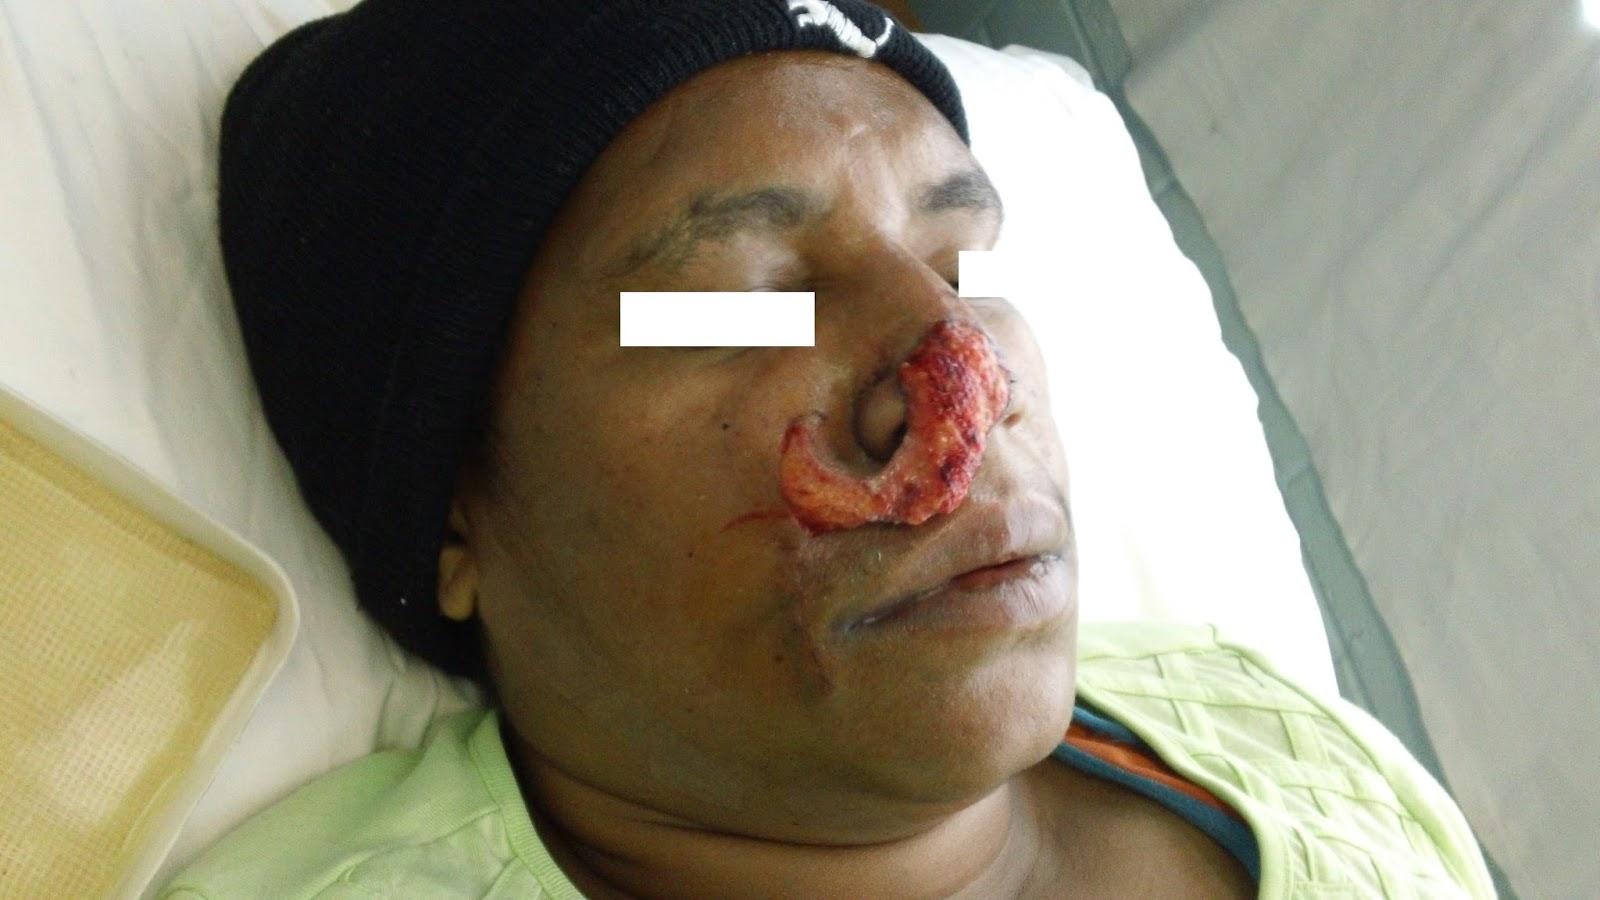 Facial flap surgery — 1